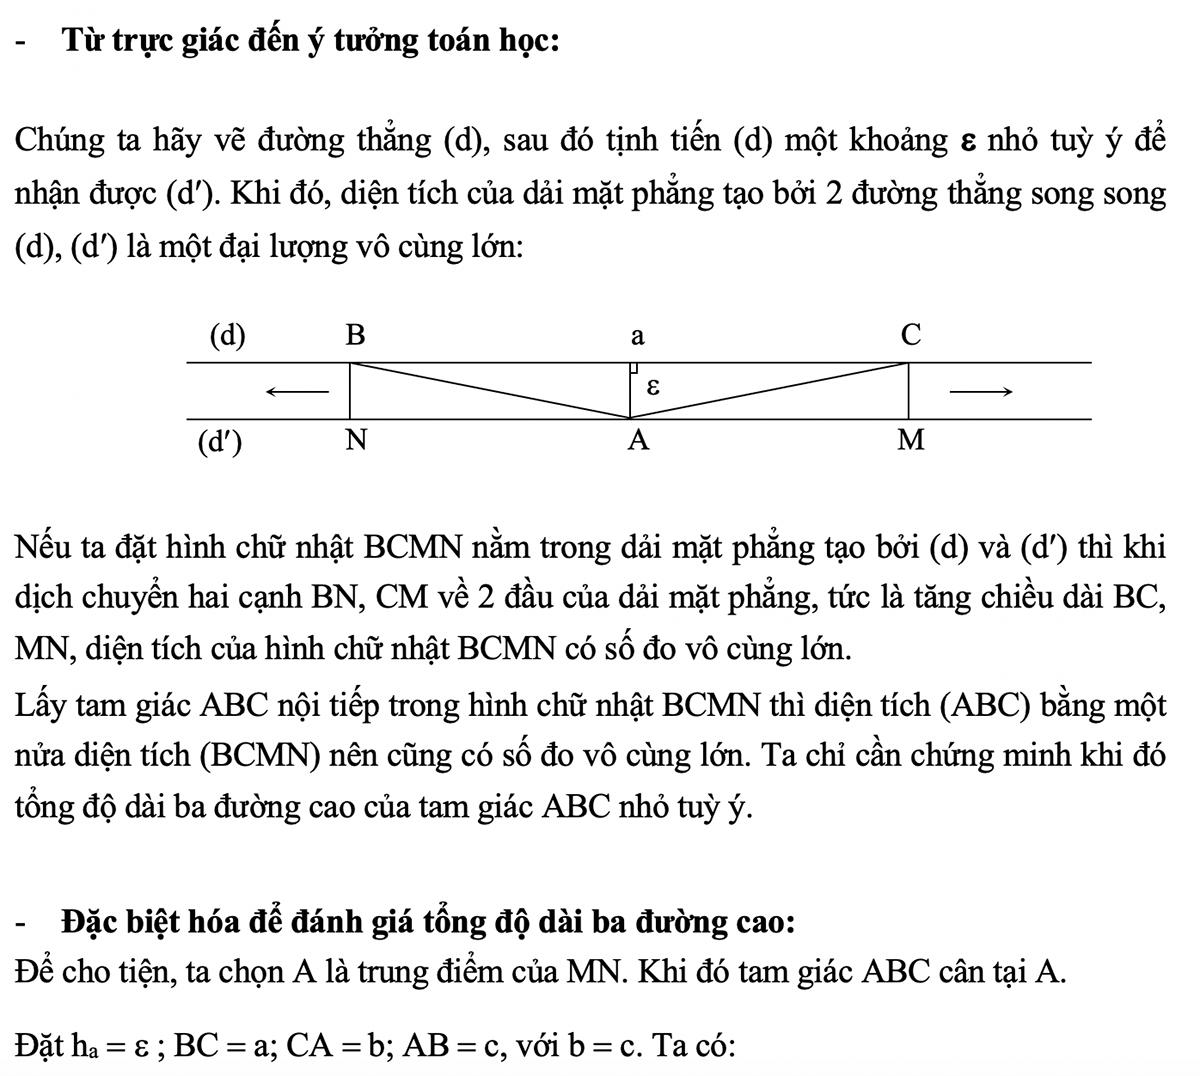 Đáp án bài toán Việt trên báo Anh - 4